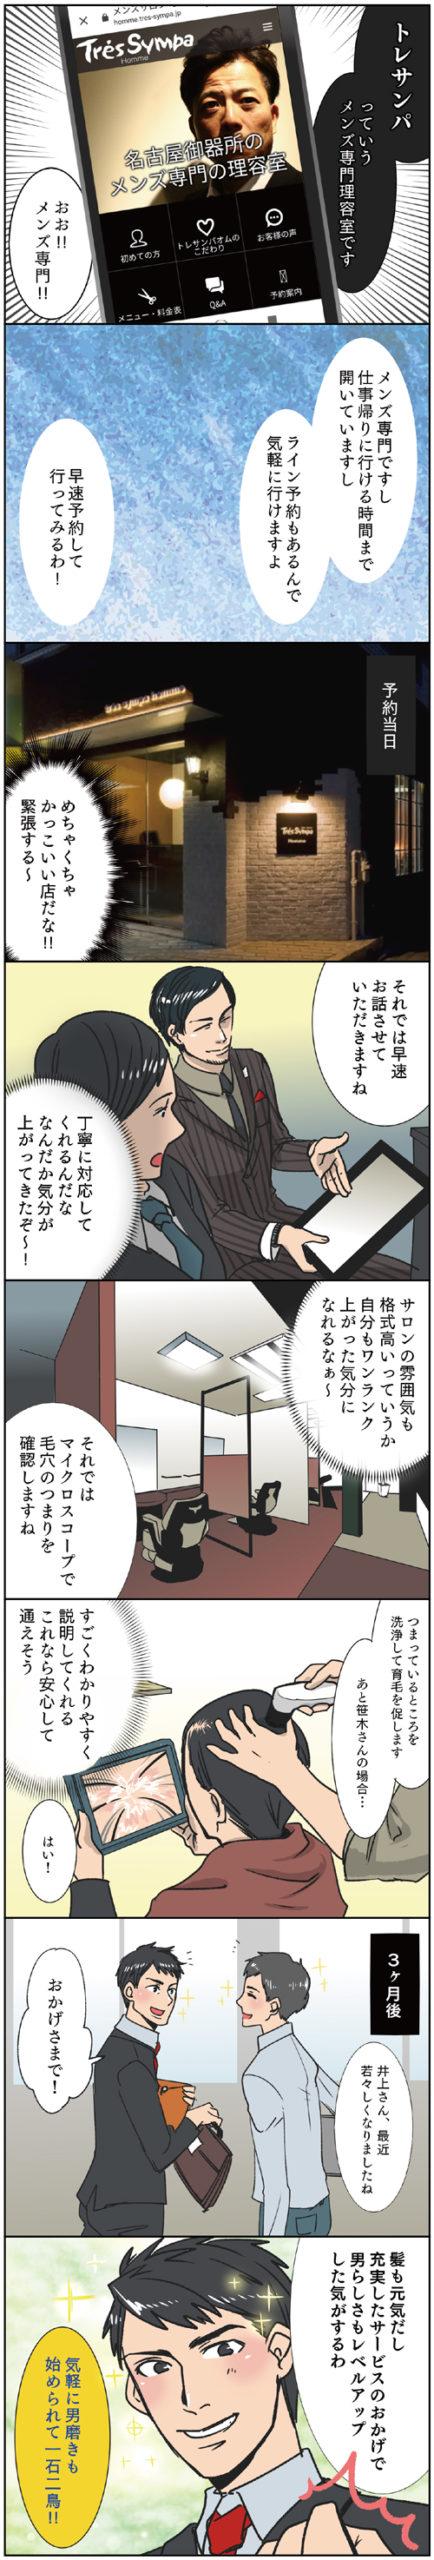 発毛漫画2